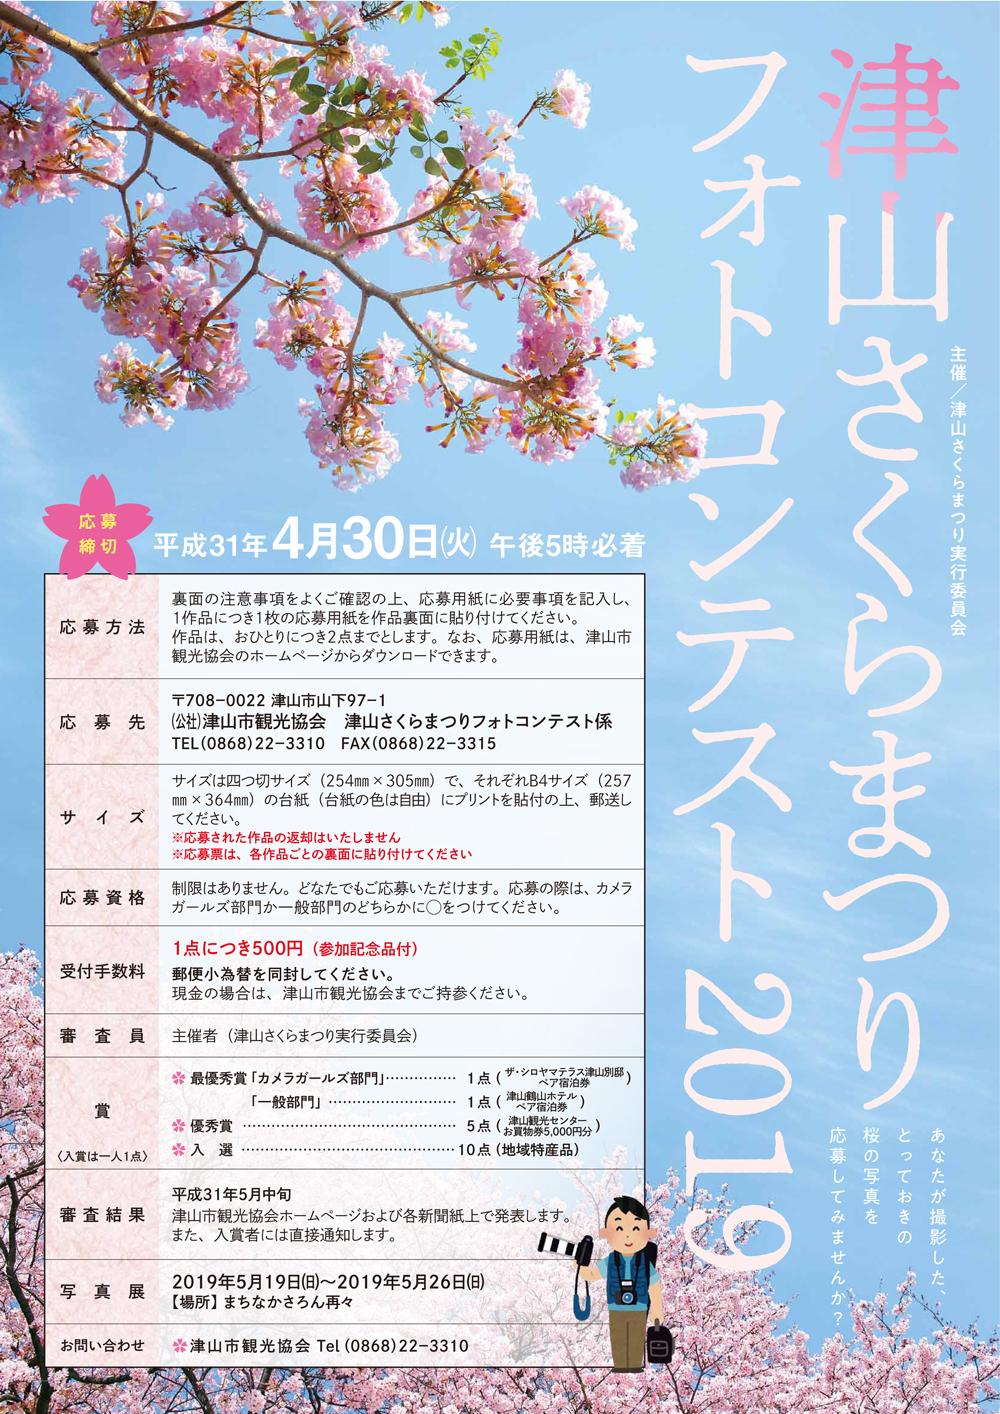 津山さくらまつりフォトコンテスト2019